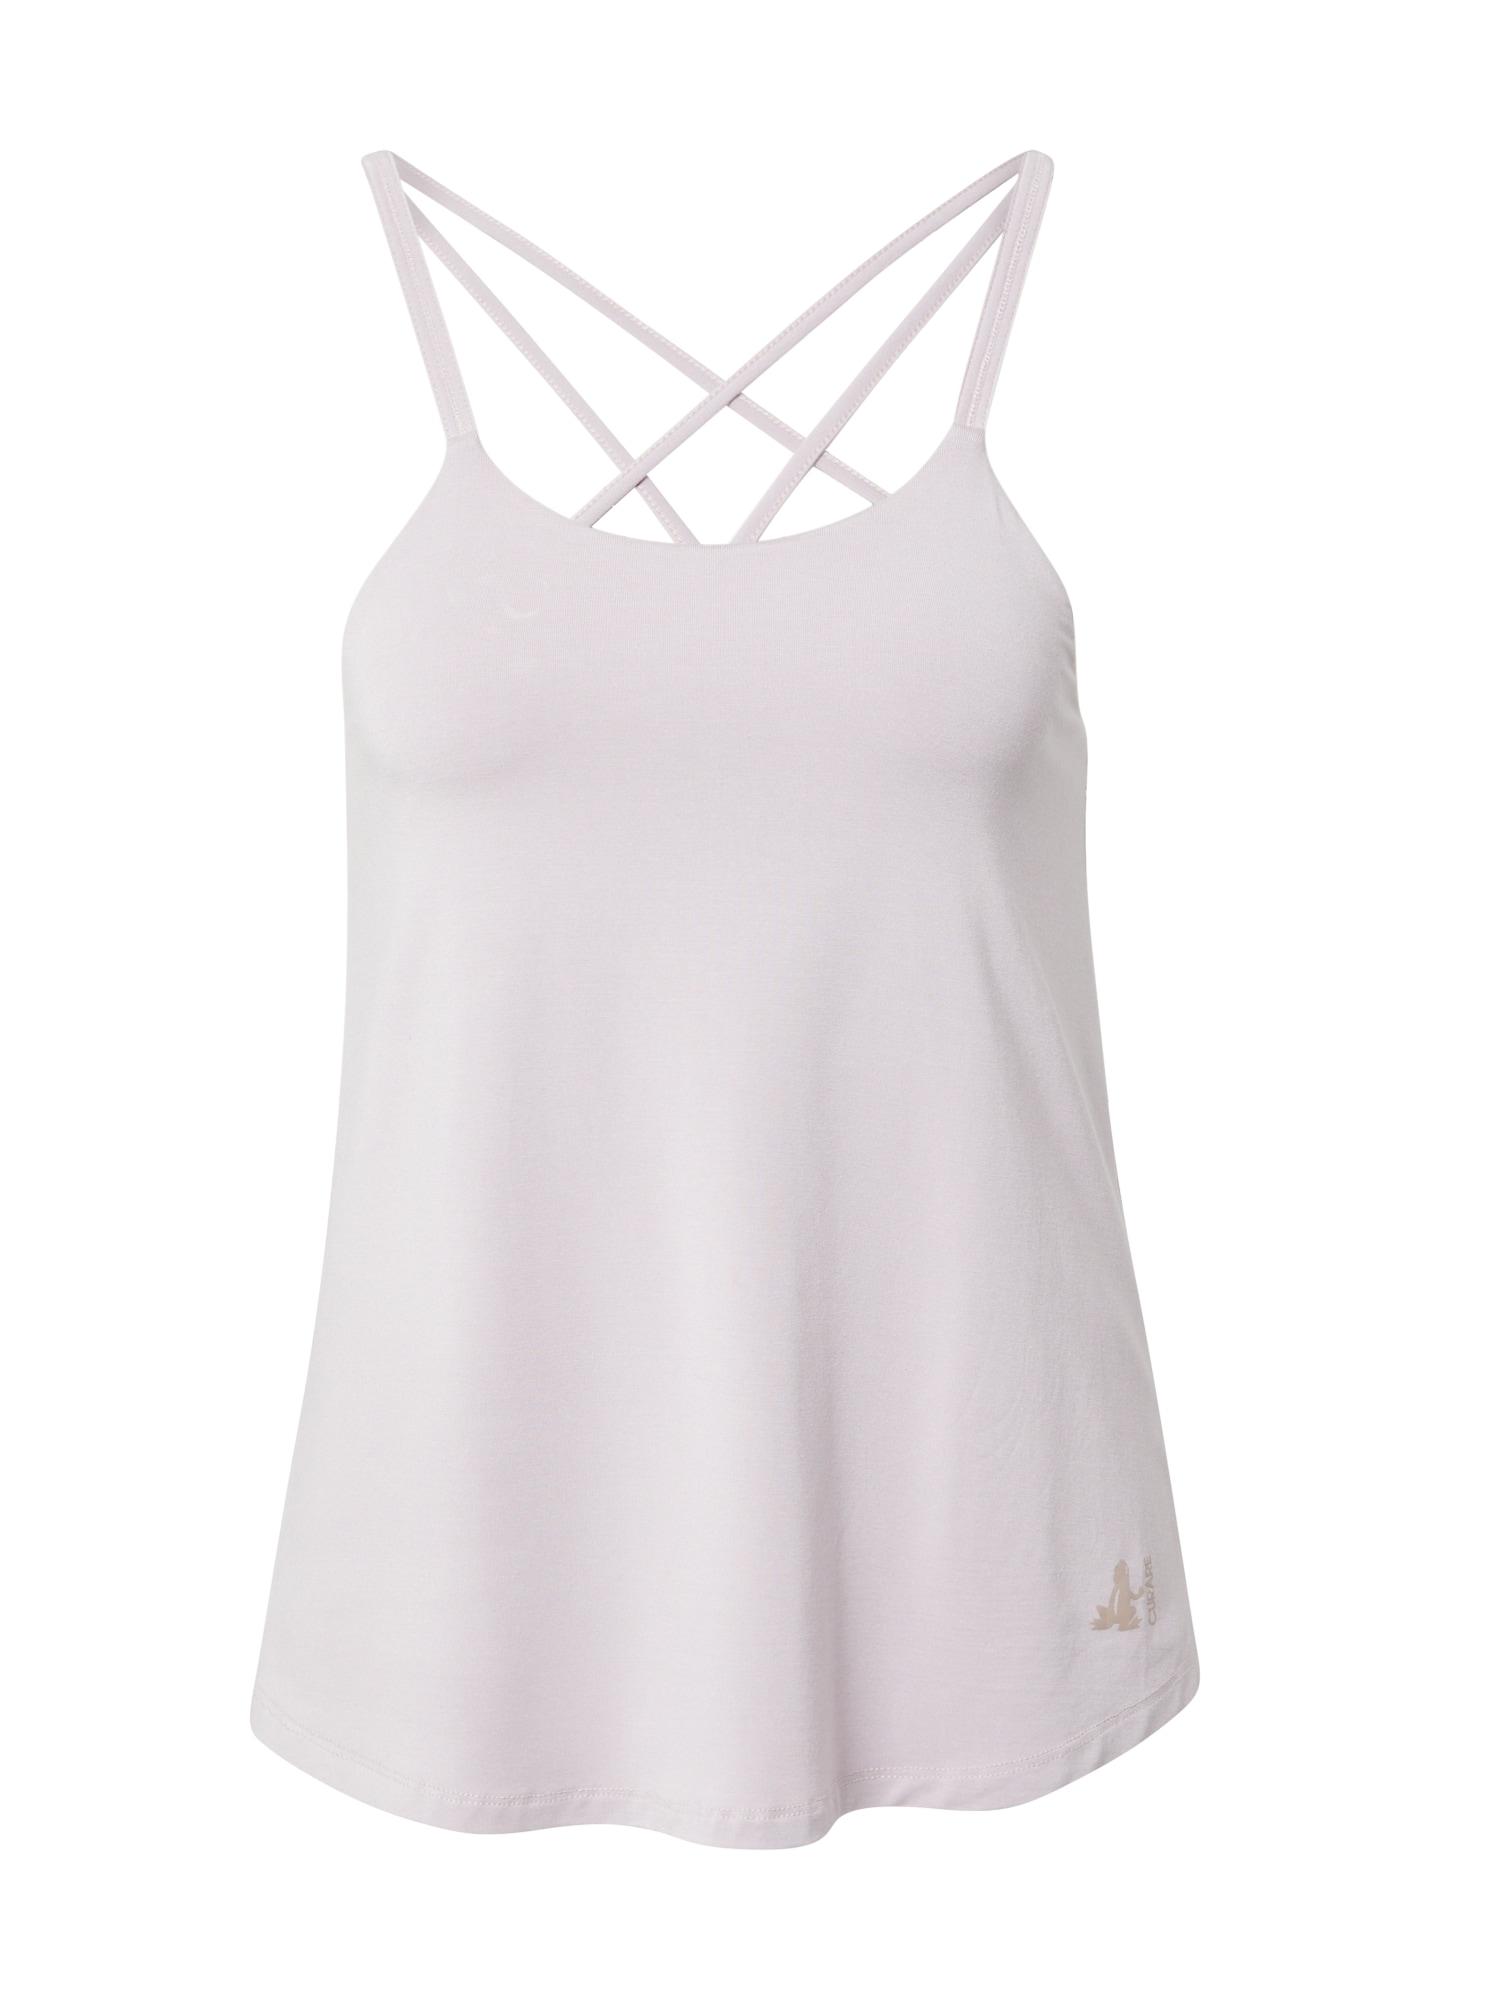 CURARE Yogawear Sportiniai marškinėliai be rankovių pastelinė rožinė